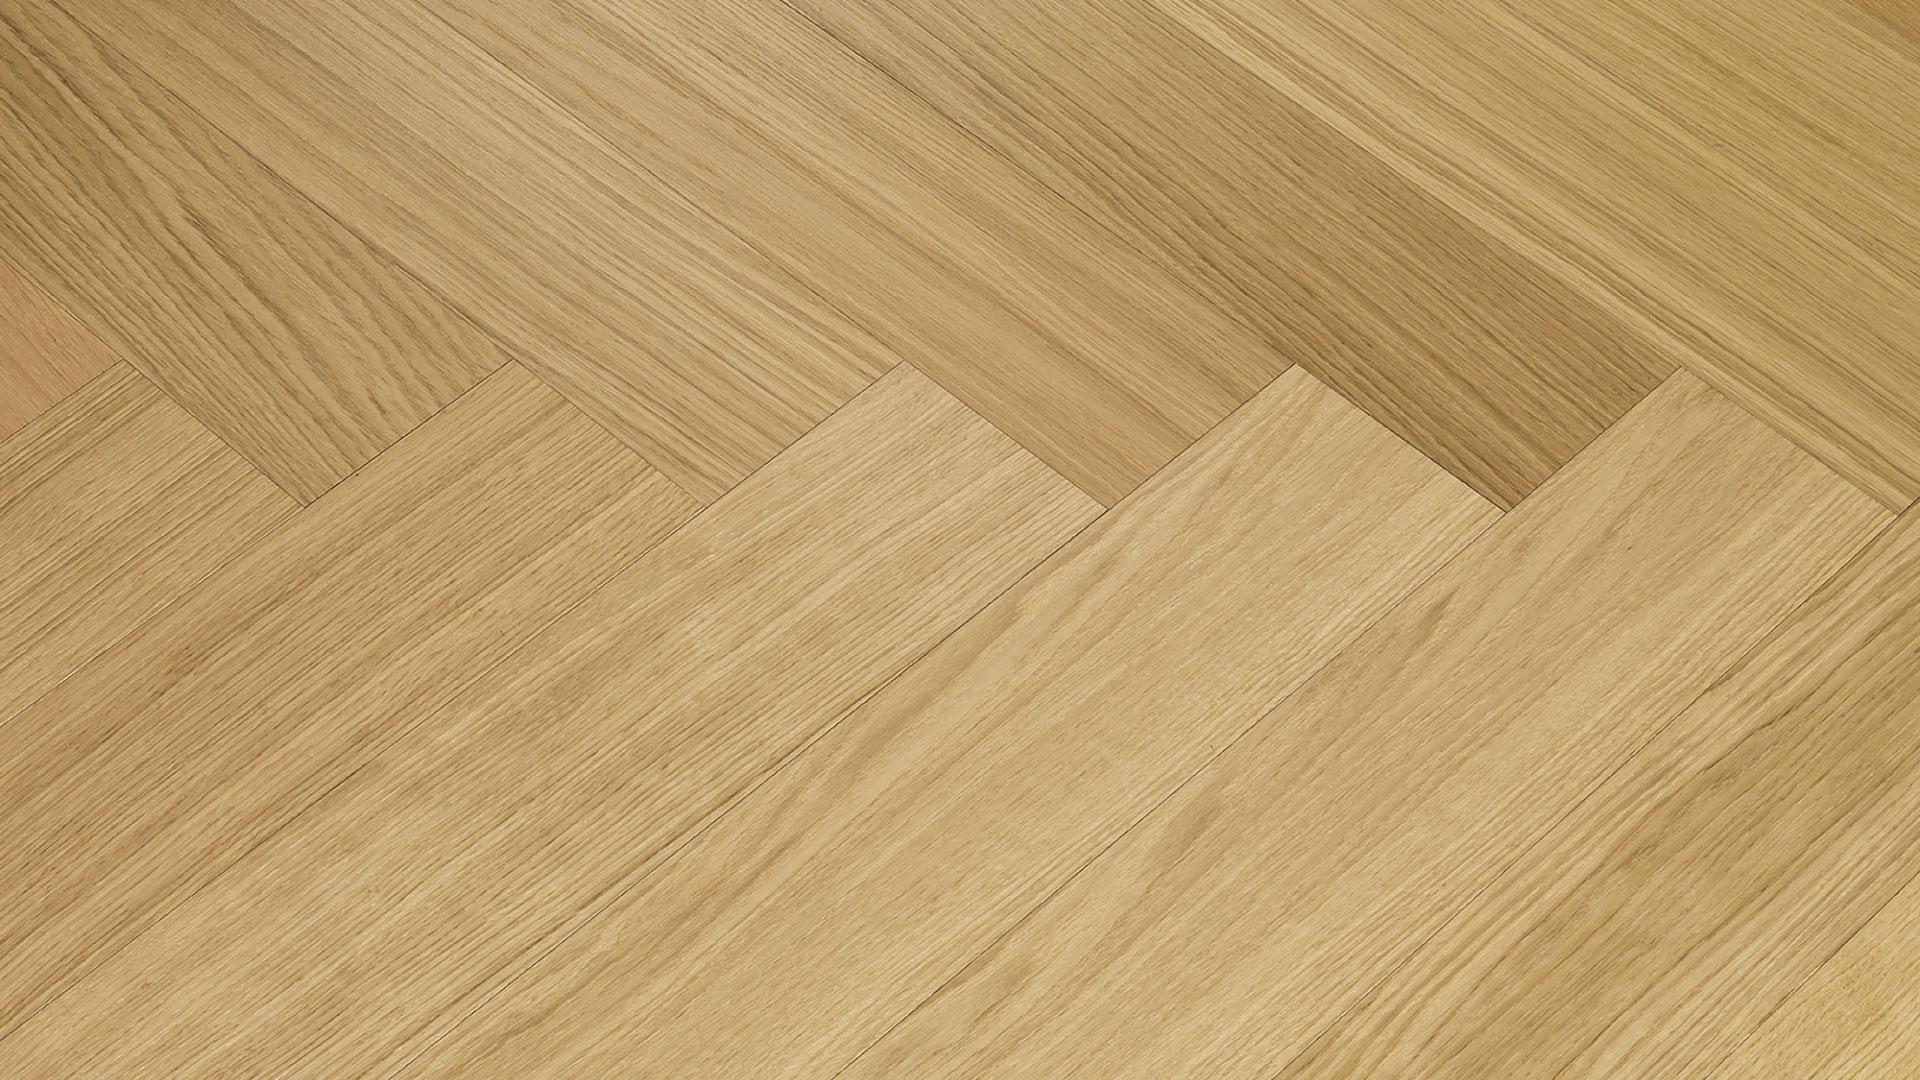 比利时PAR-KY高科技实木复合地板